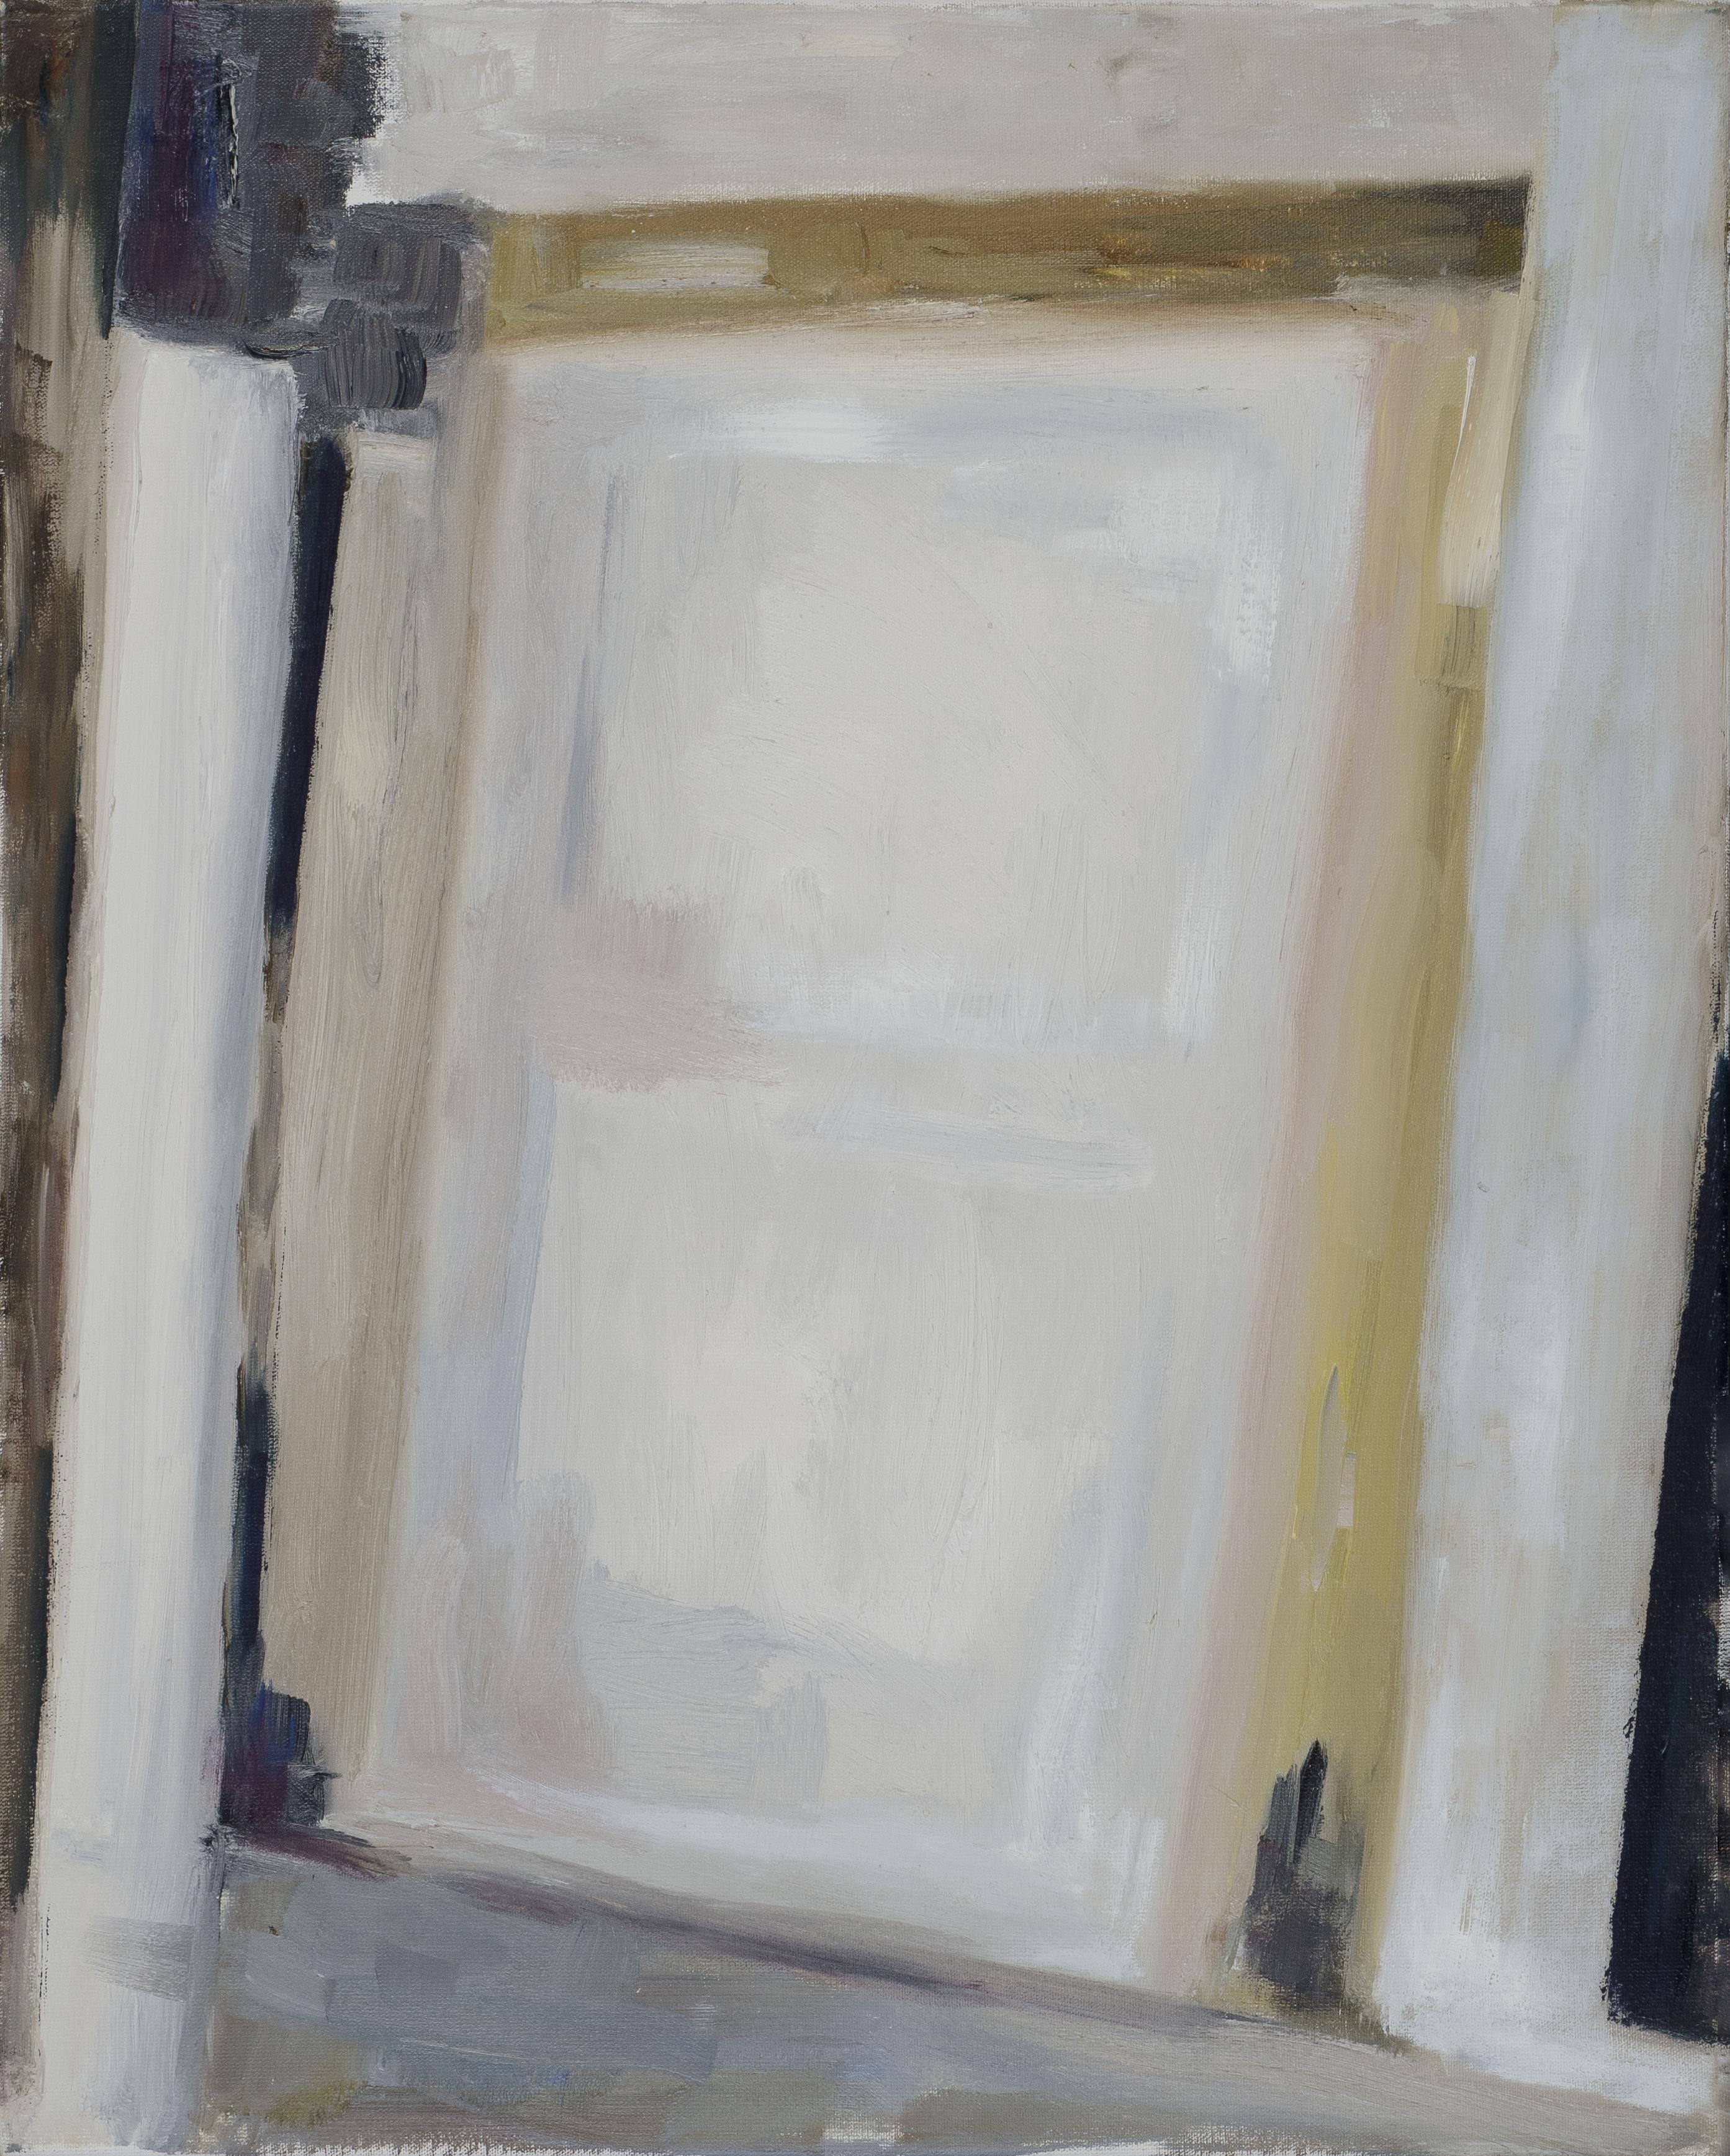 2014- kelderdeur- olieverf op canvas- 40x 50 cm